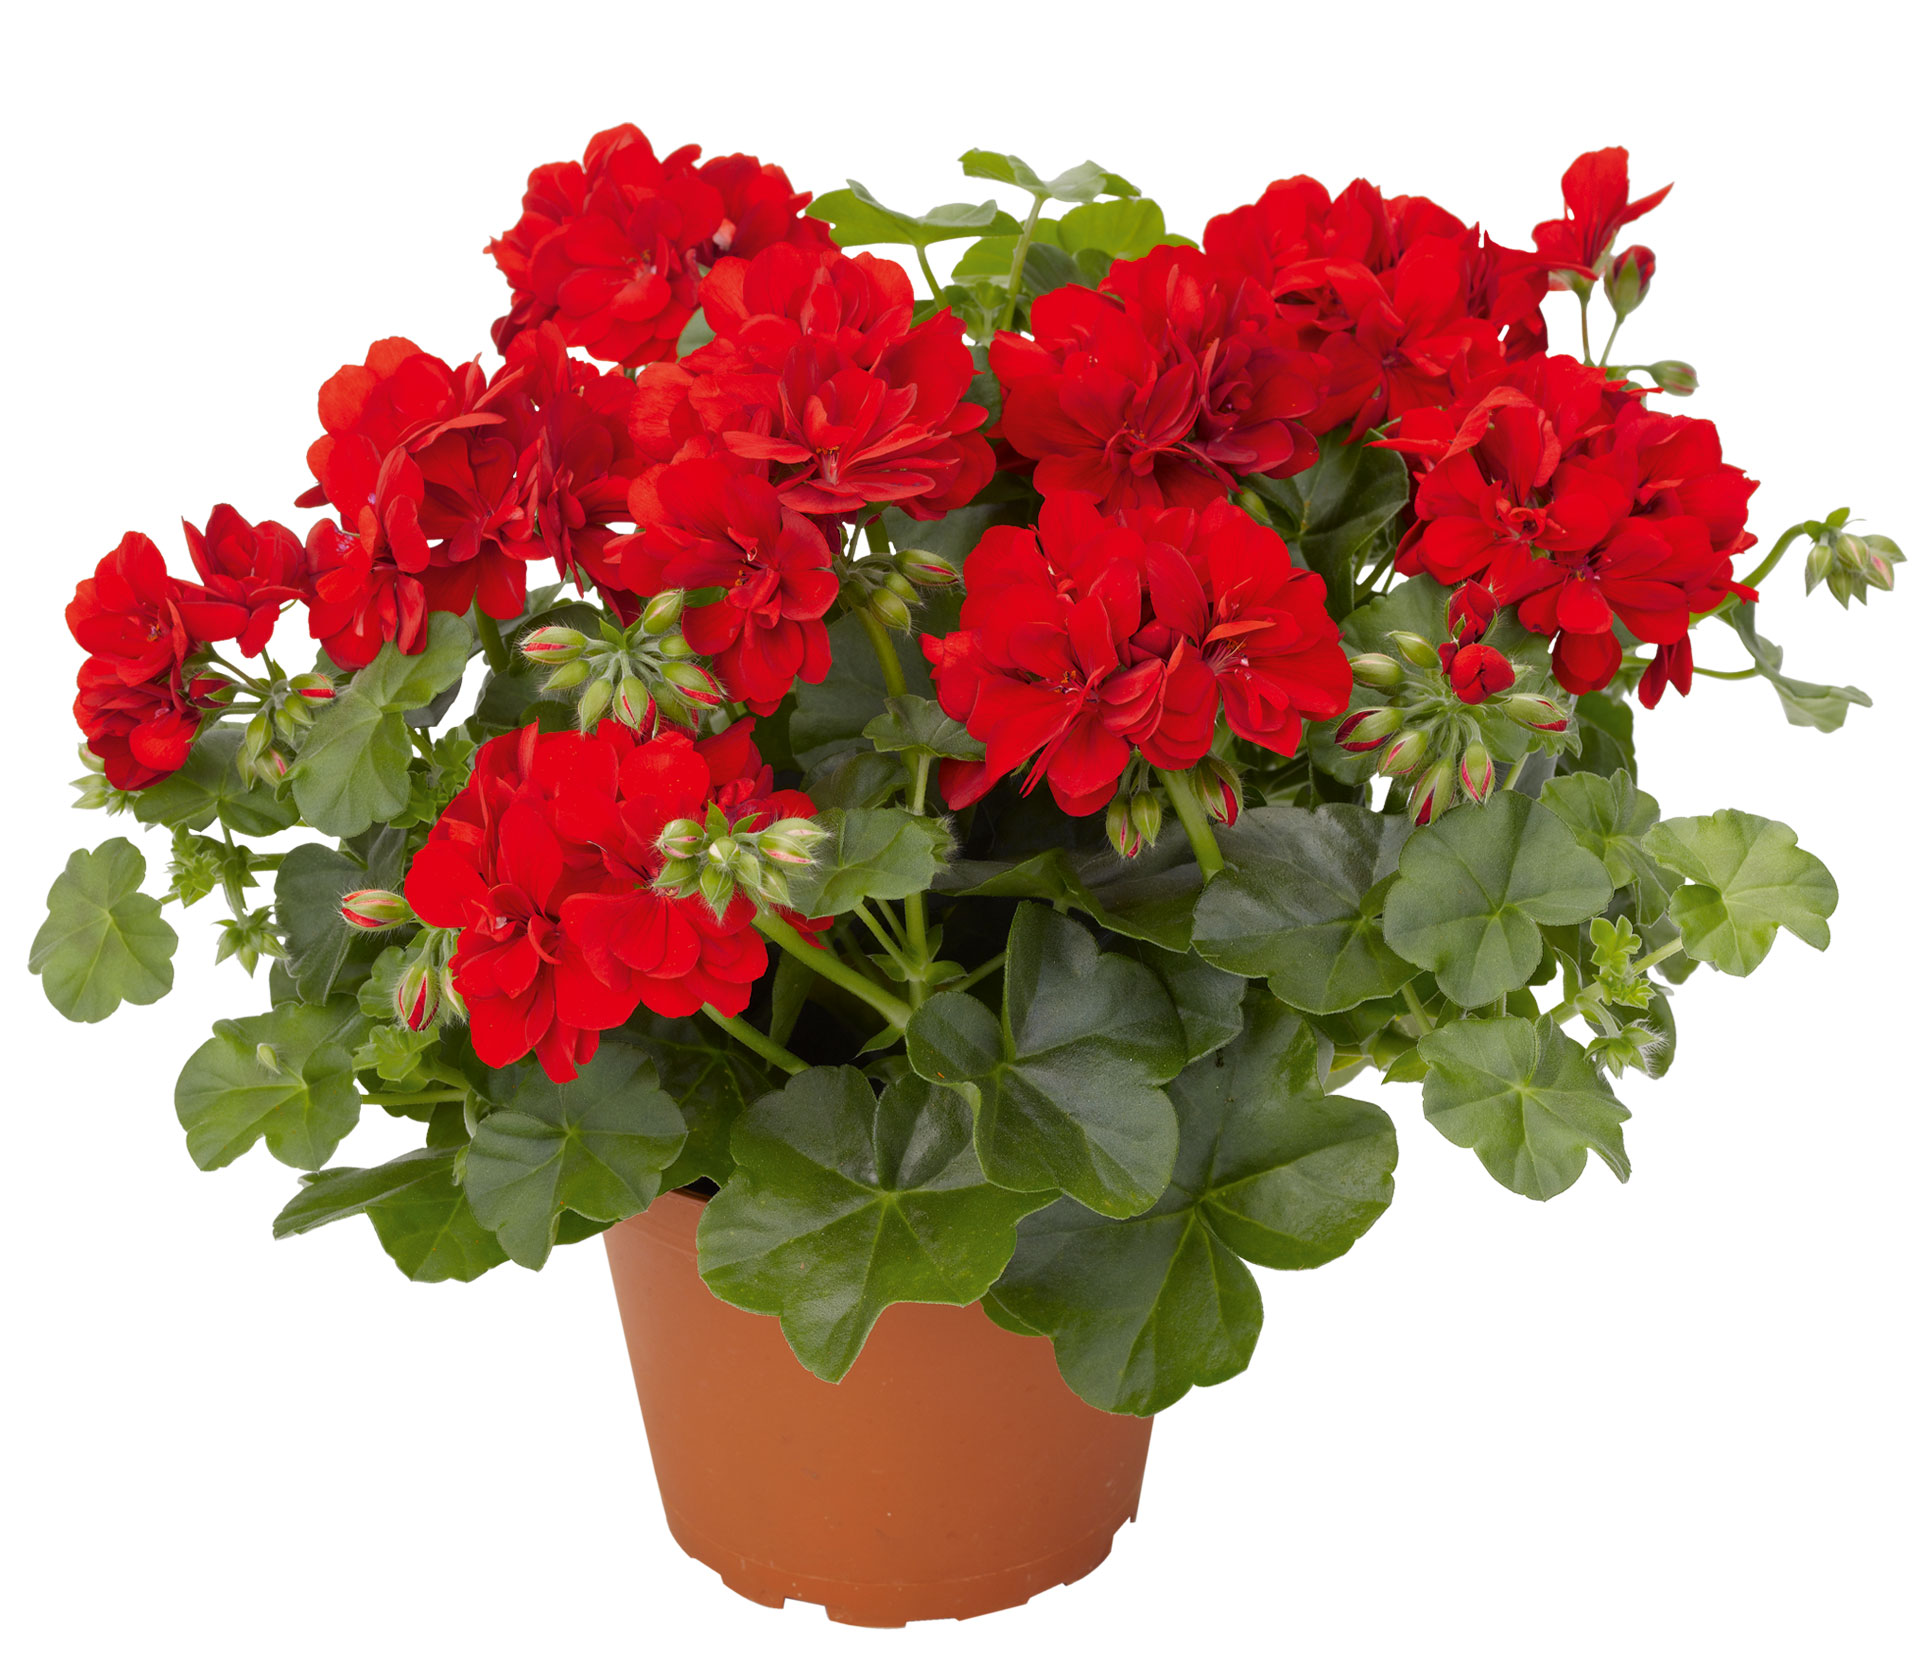 Цветы картинки герань 2